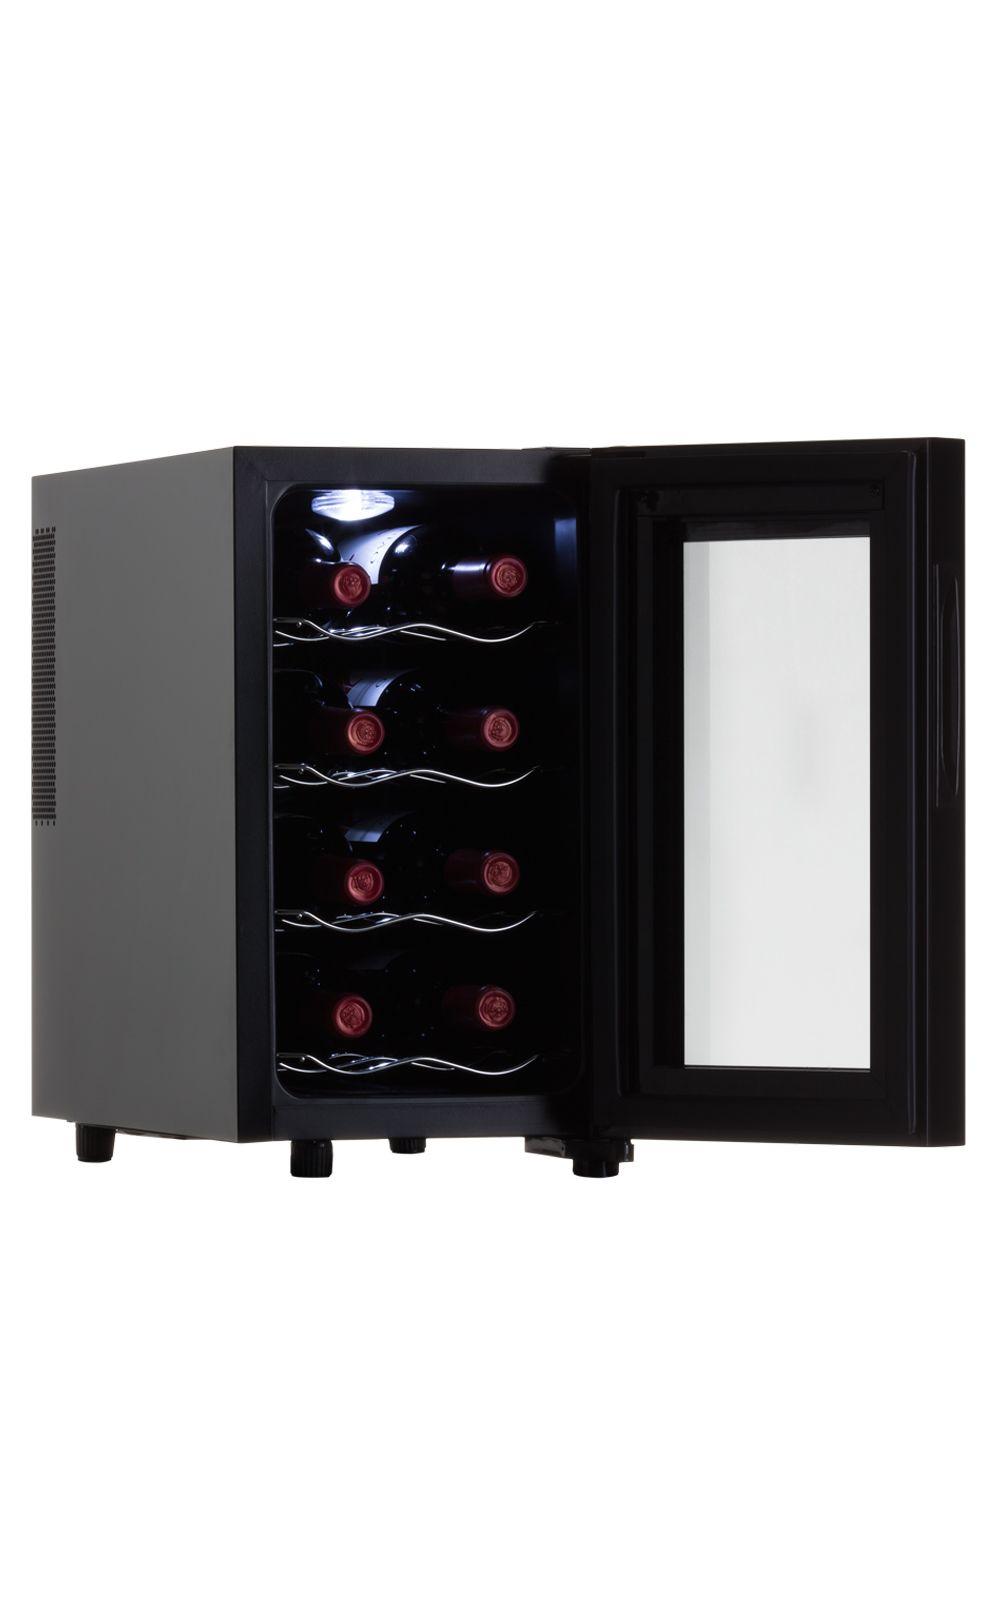 Foto 3 - Adega de Vinho 8 Garrafas Termoelétrica 220V Jc-23c1 Easy Cooler Preta